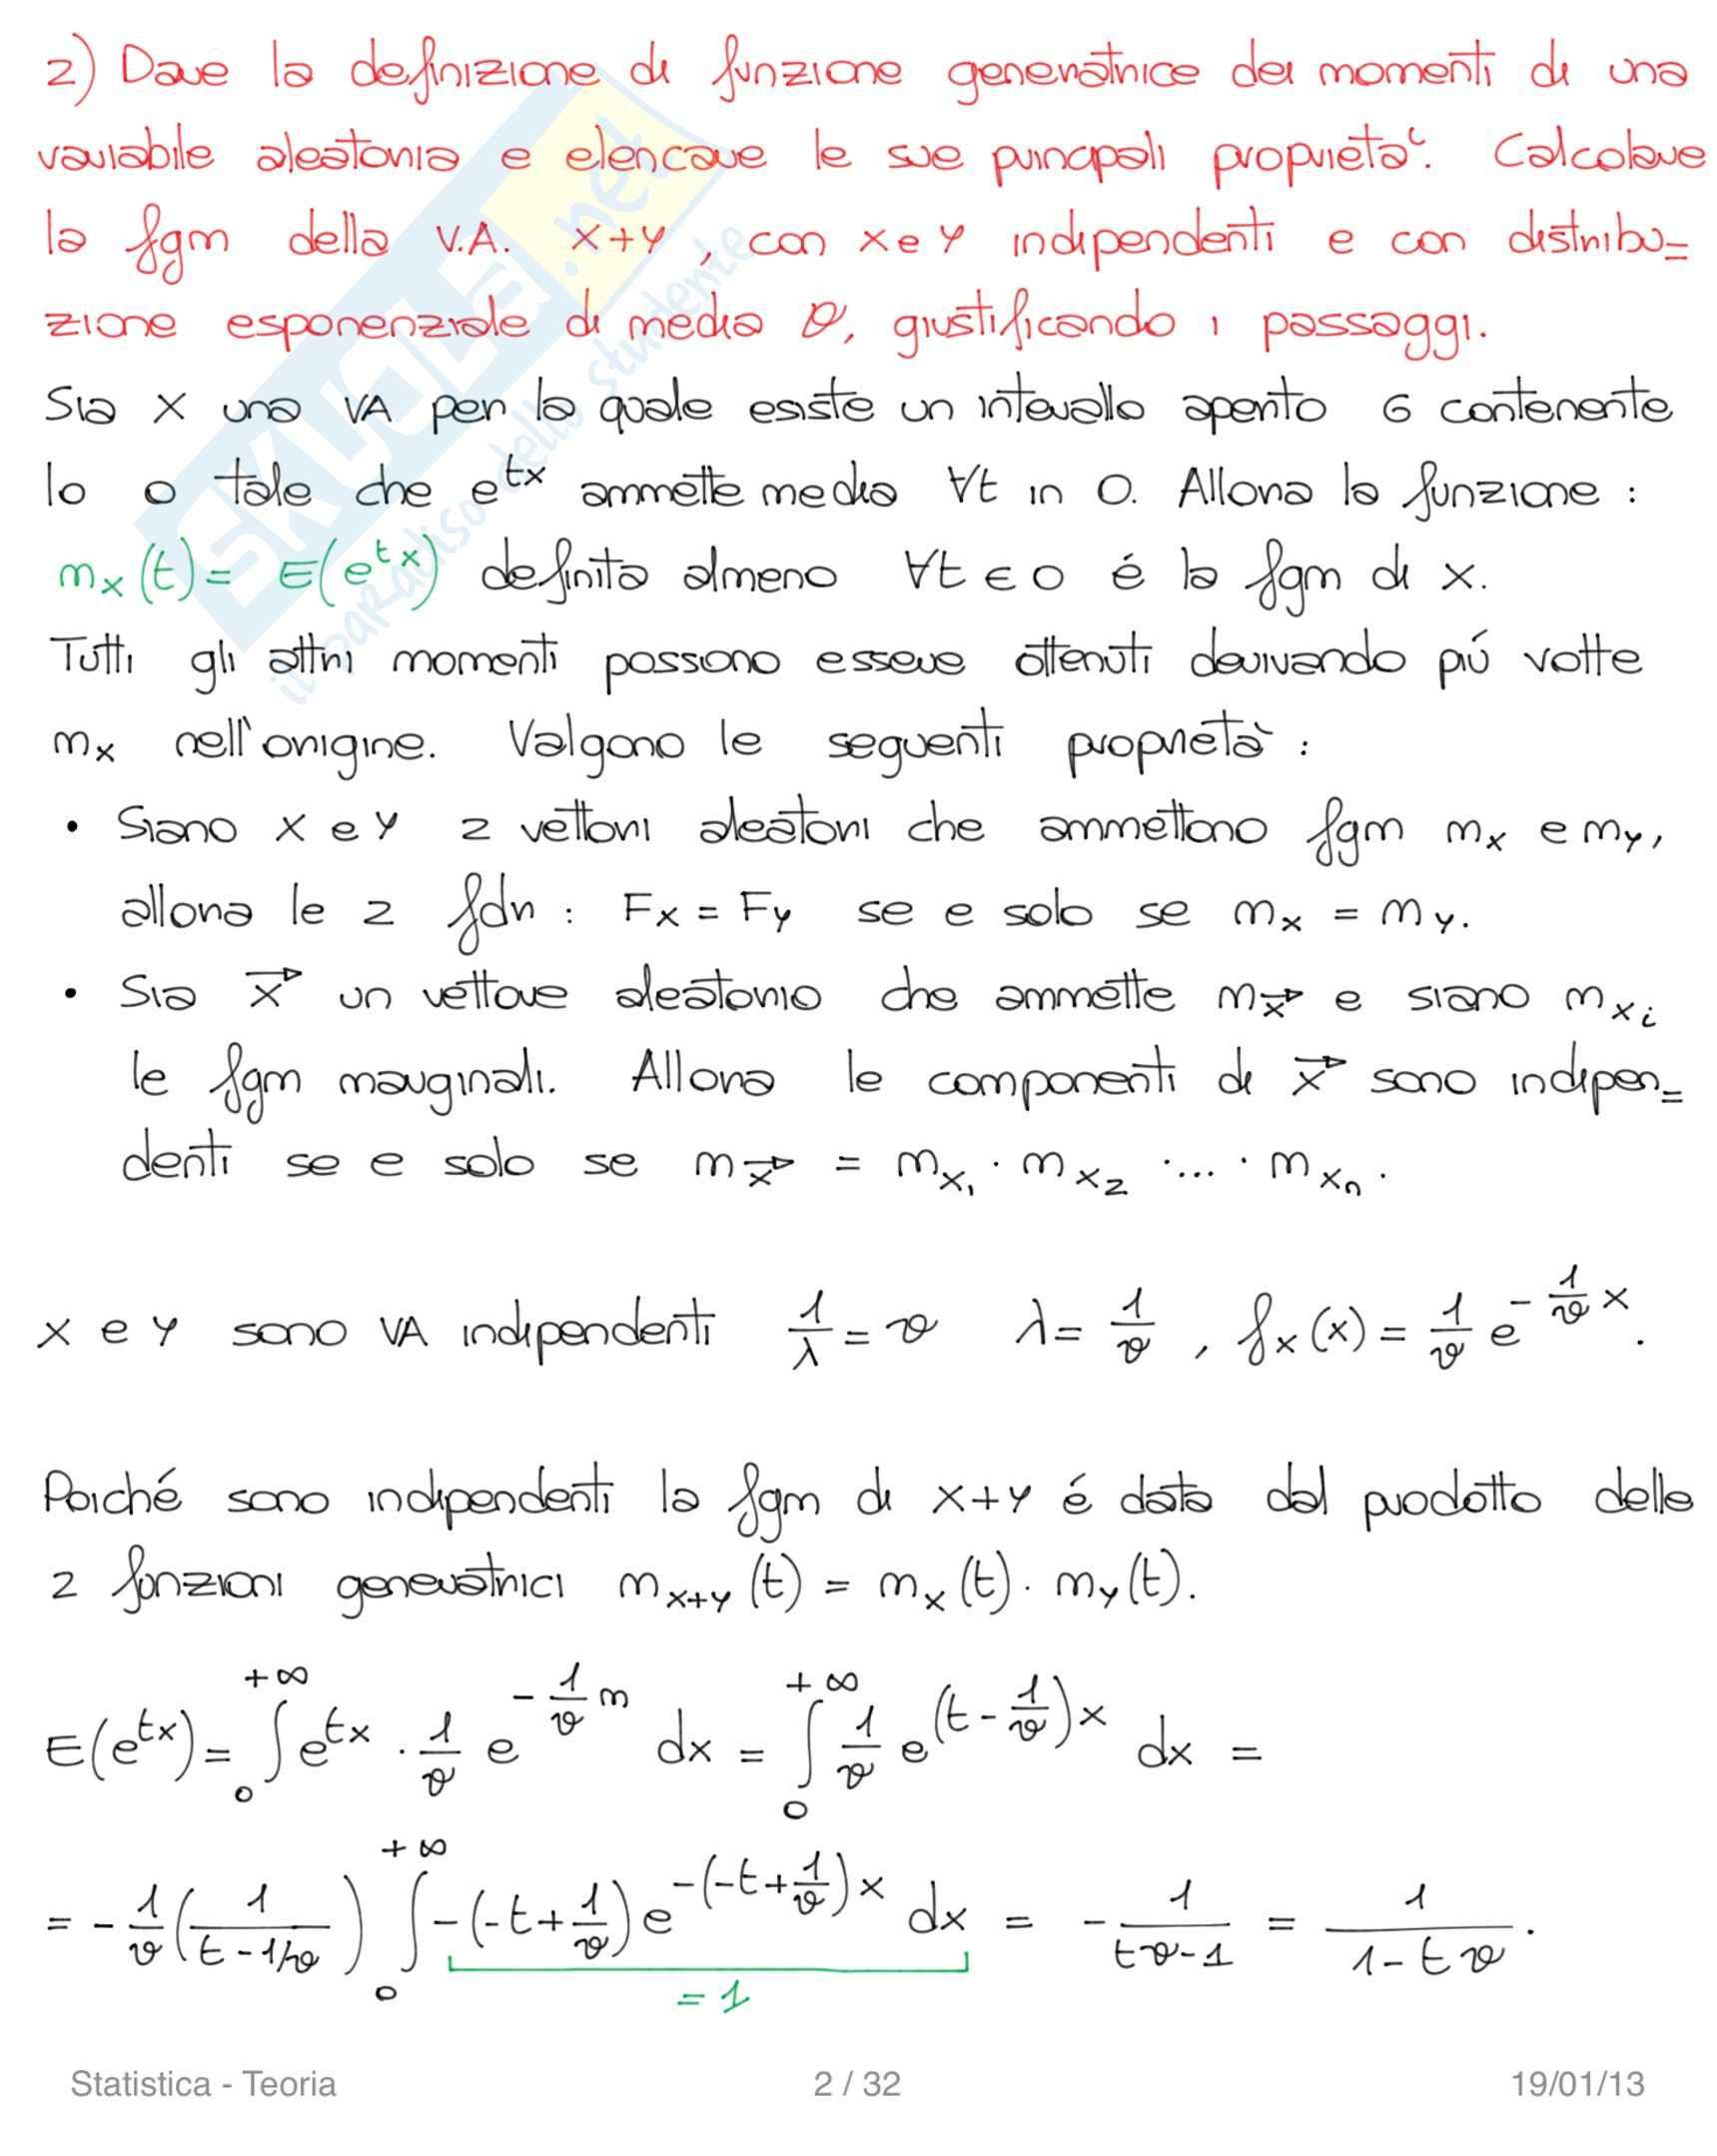 Risposte alle domande, Statistica Pag. 2